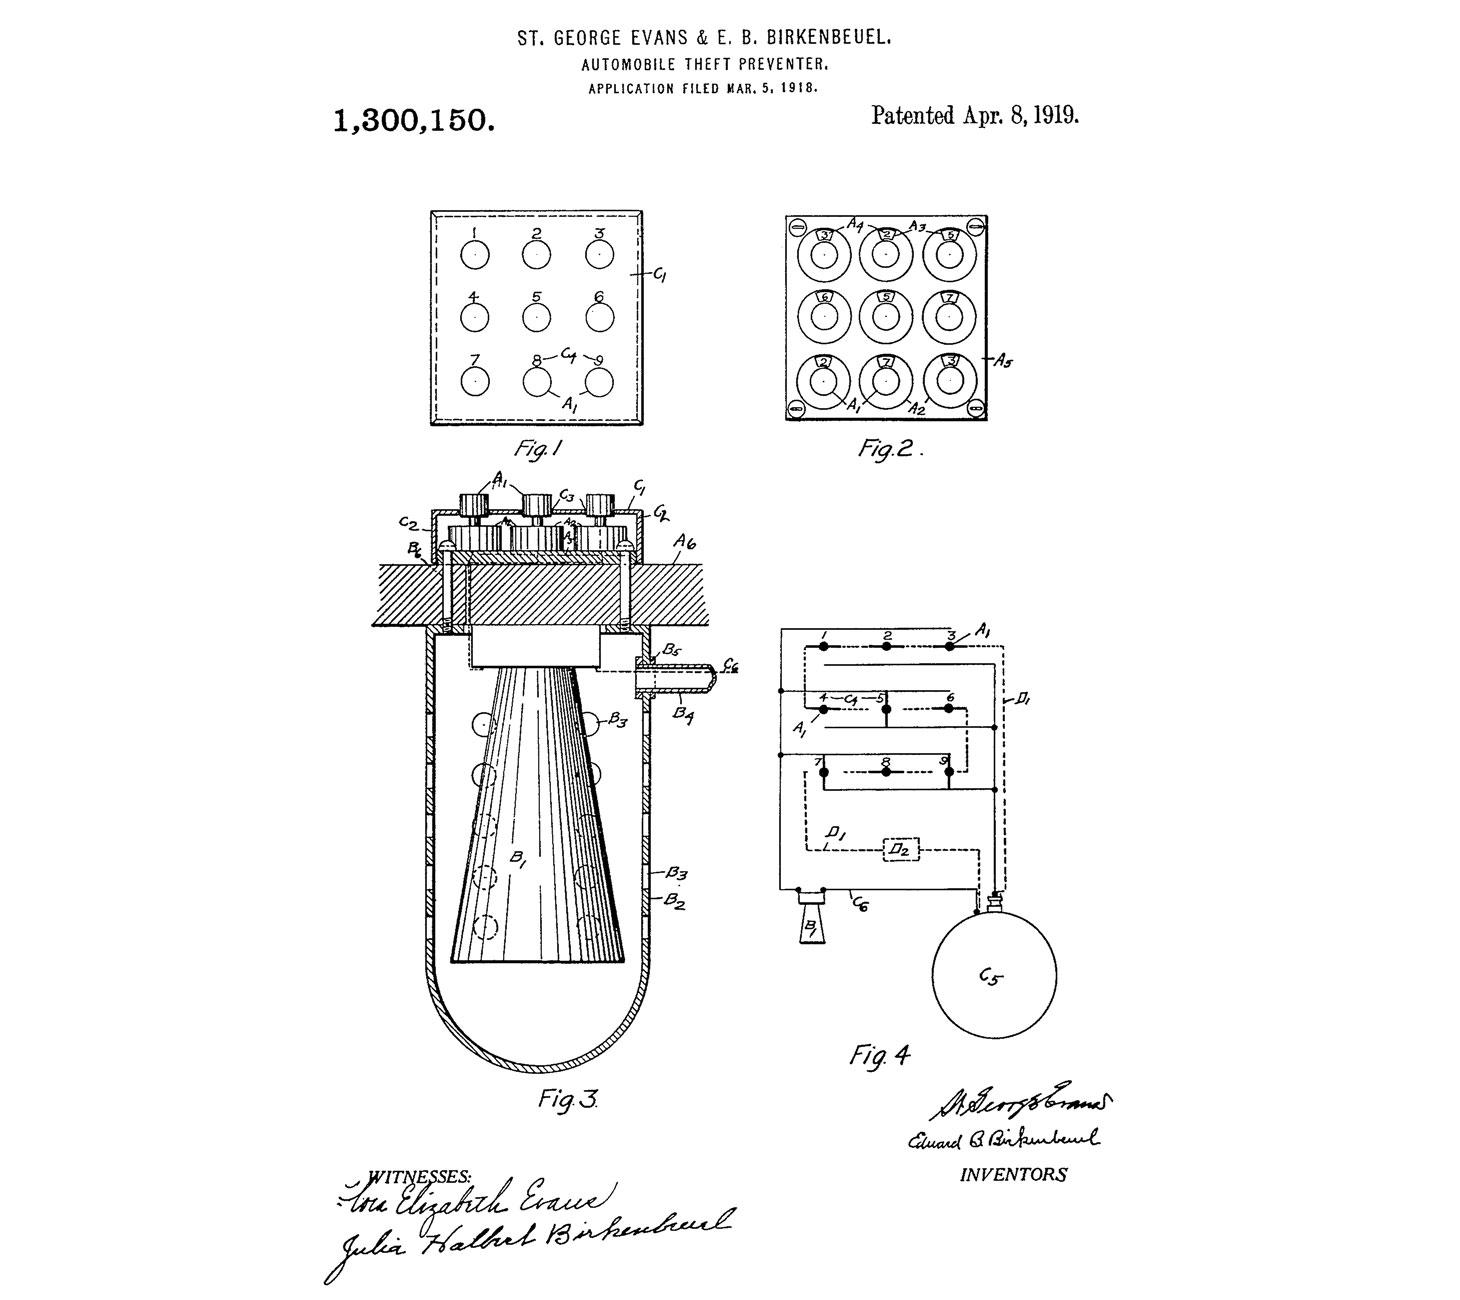 Ein Diebstahlschutzsystem für Autos wurde erstmals 1919 patentiert]